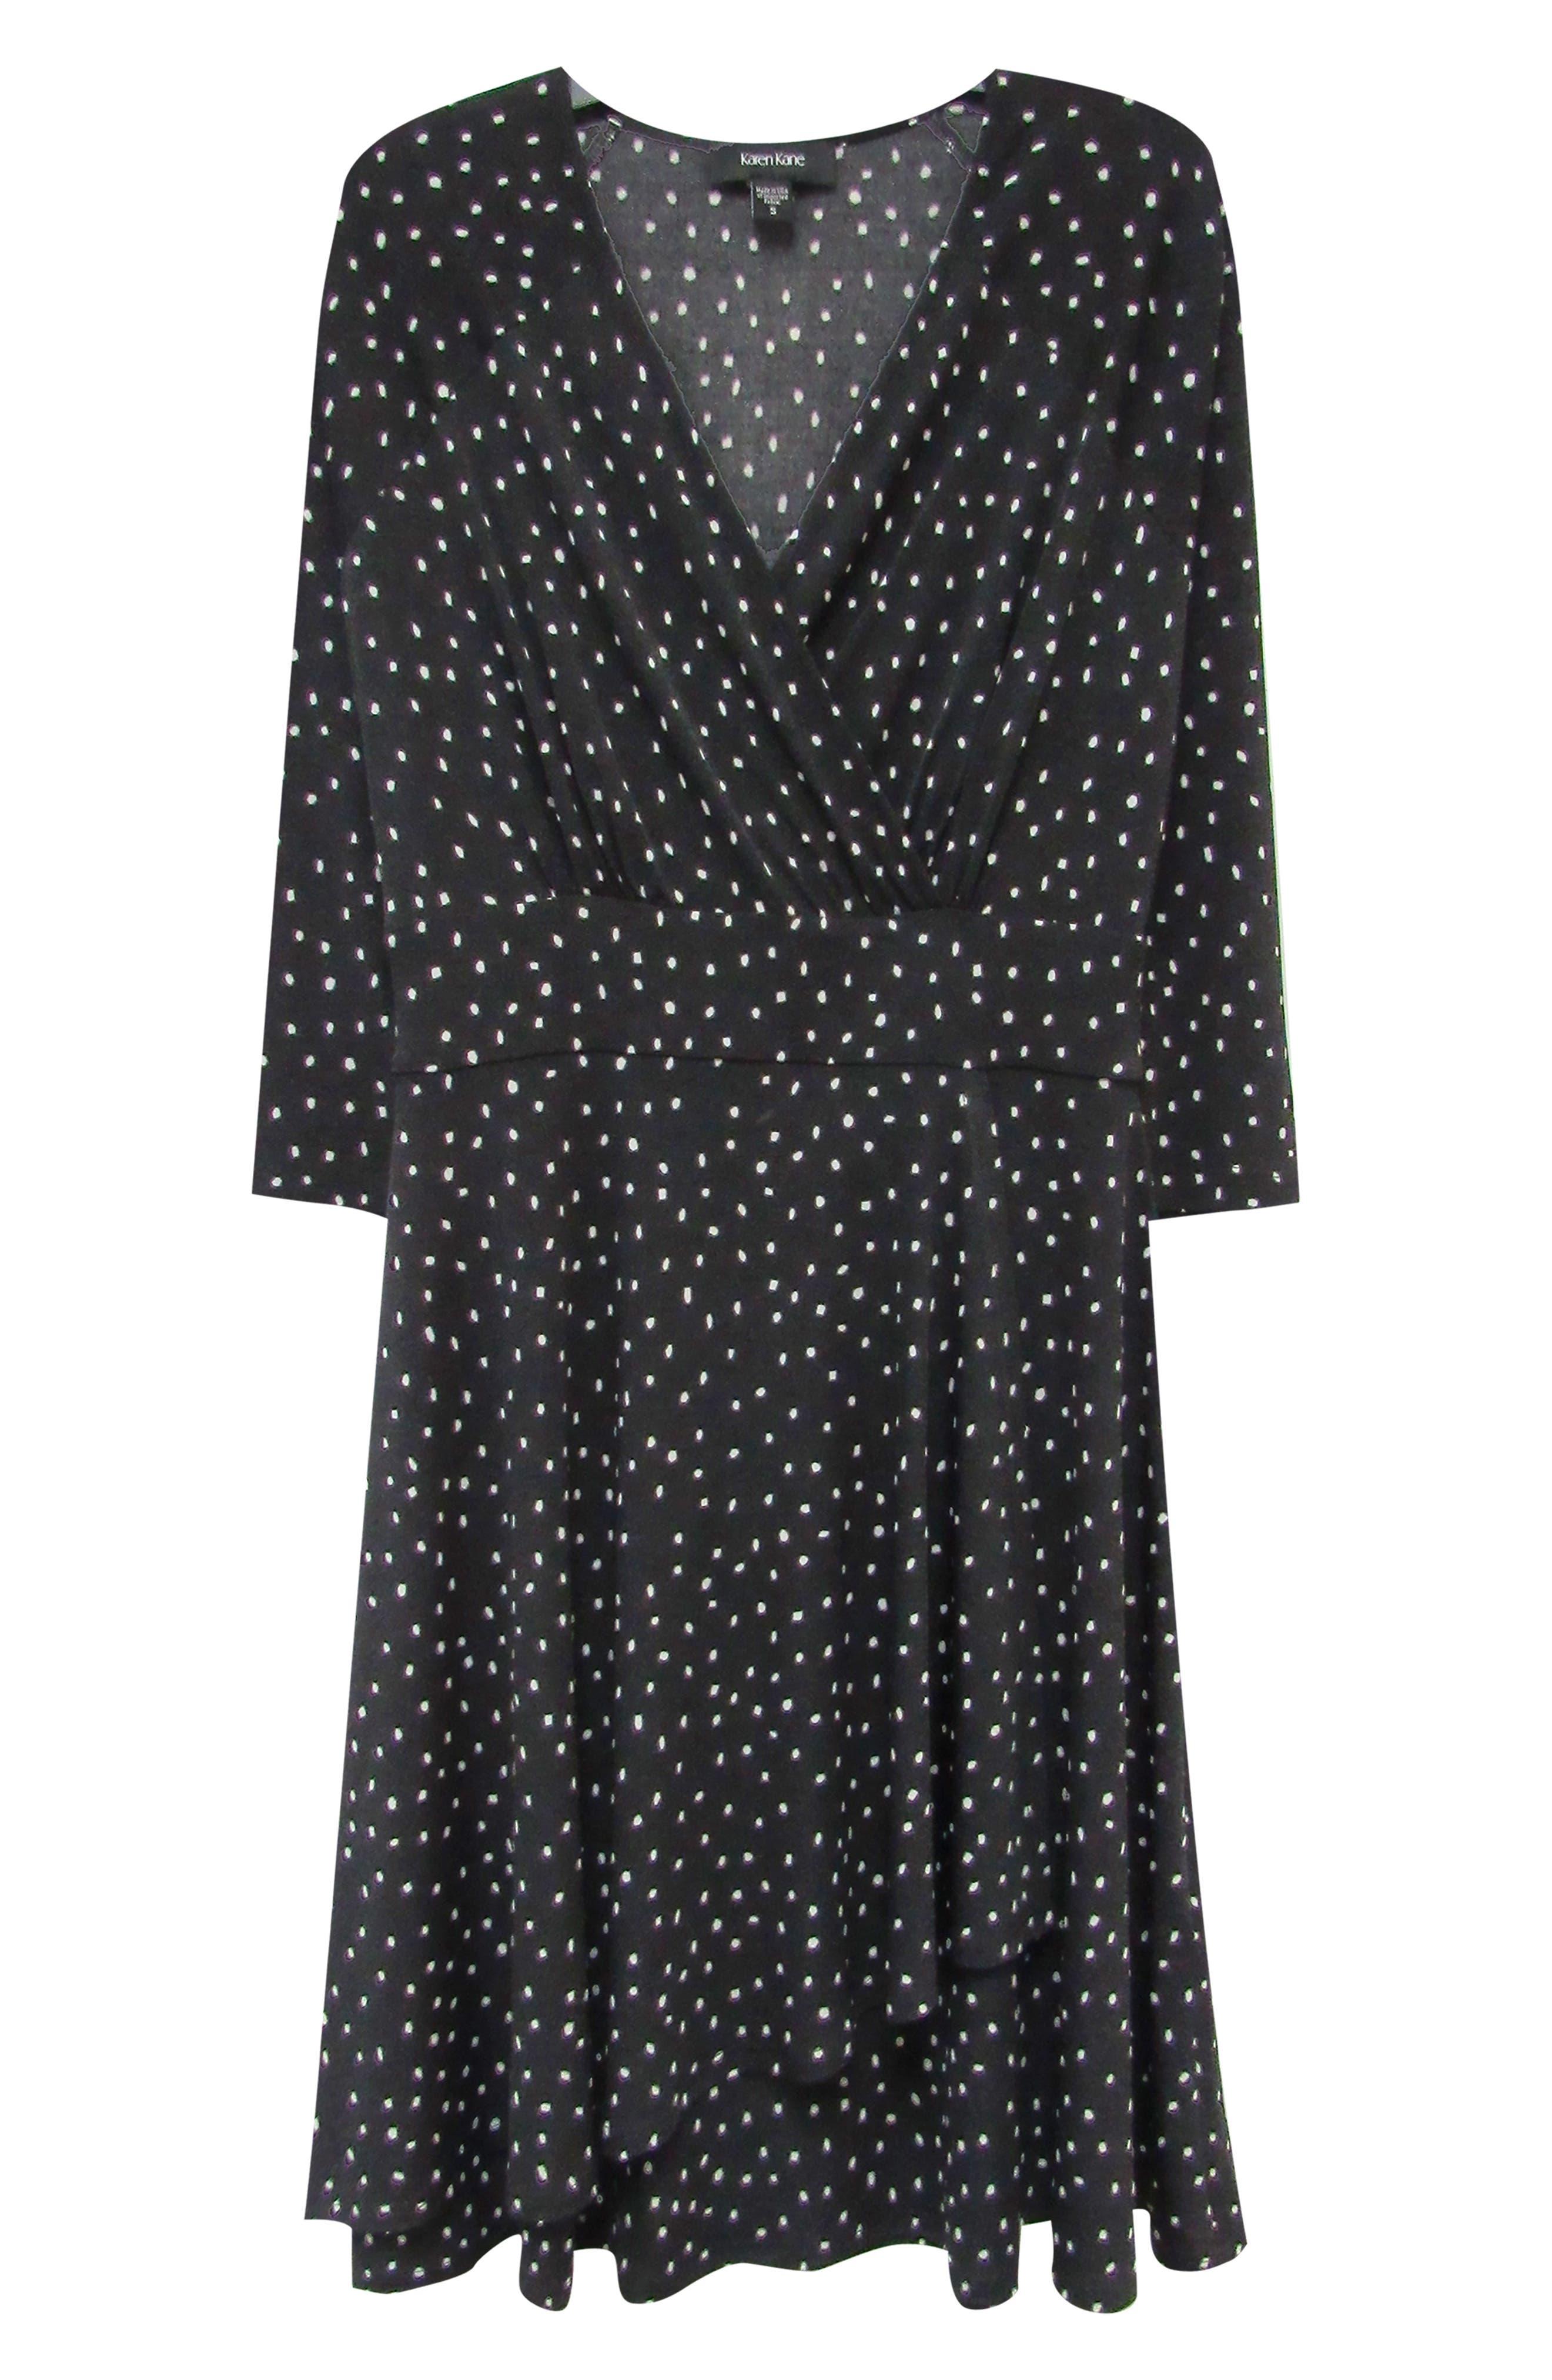 KAREN KANE, Faux Wrap Dress, Alternate thumbnail 3, color, 001